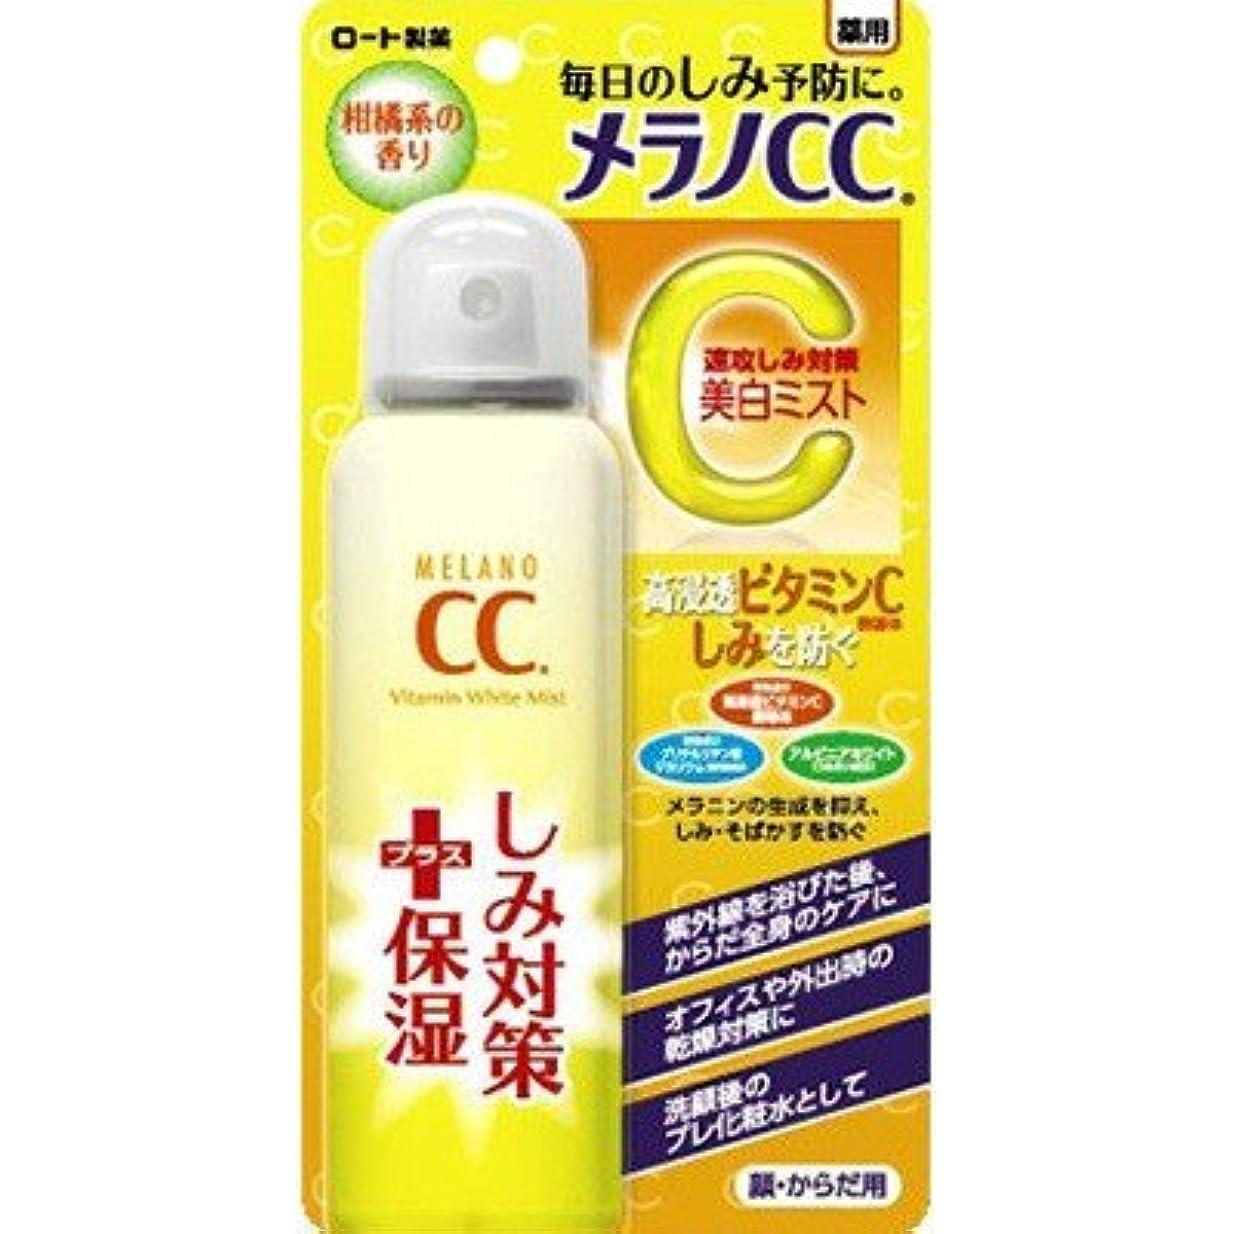 より良い補償拍手するメラノCC 薬用 しみ対策 美白ミスト化粧水 100g [並行輸入品]